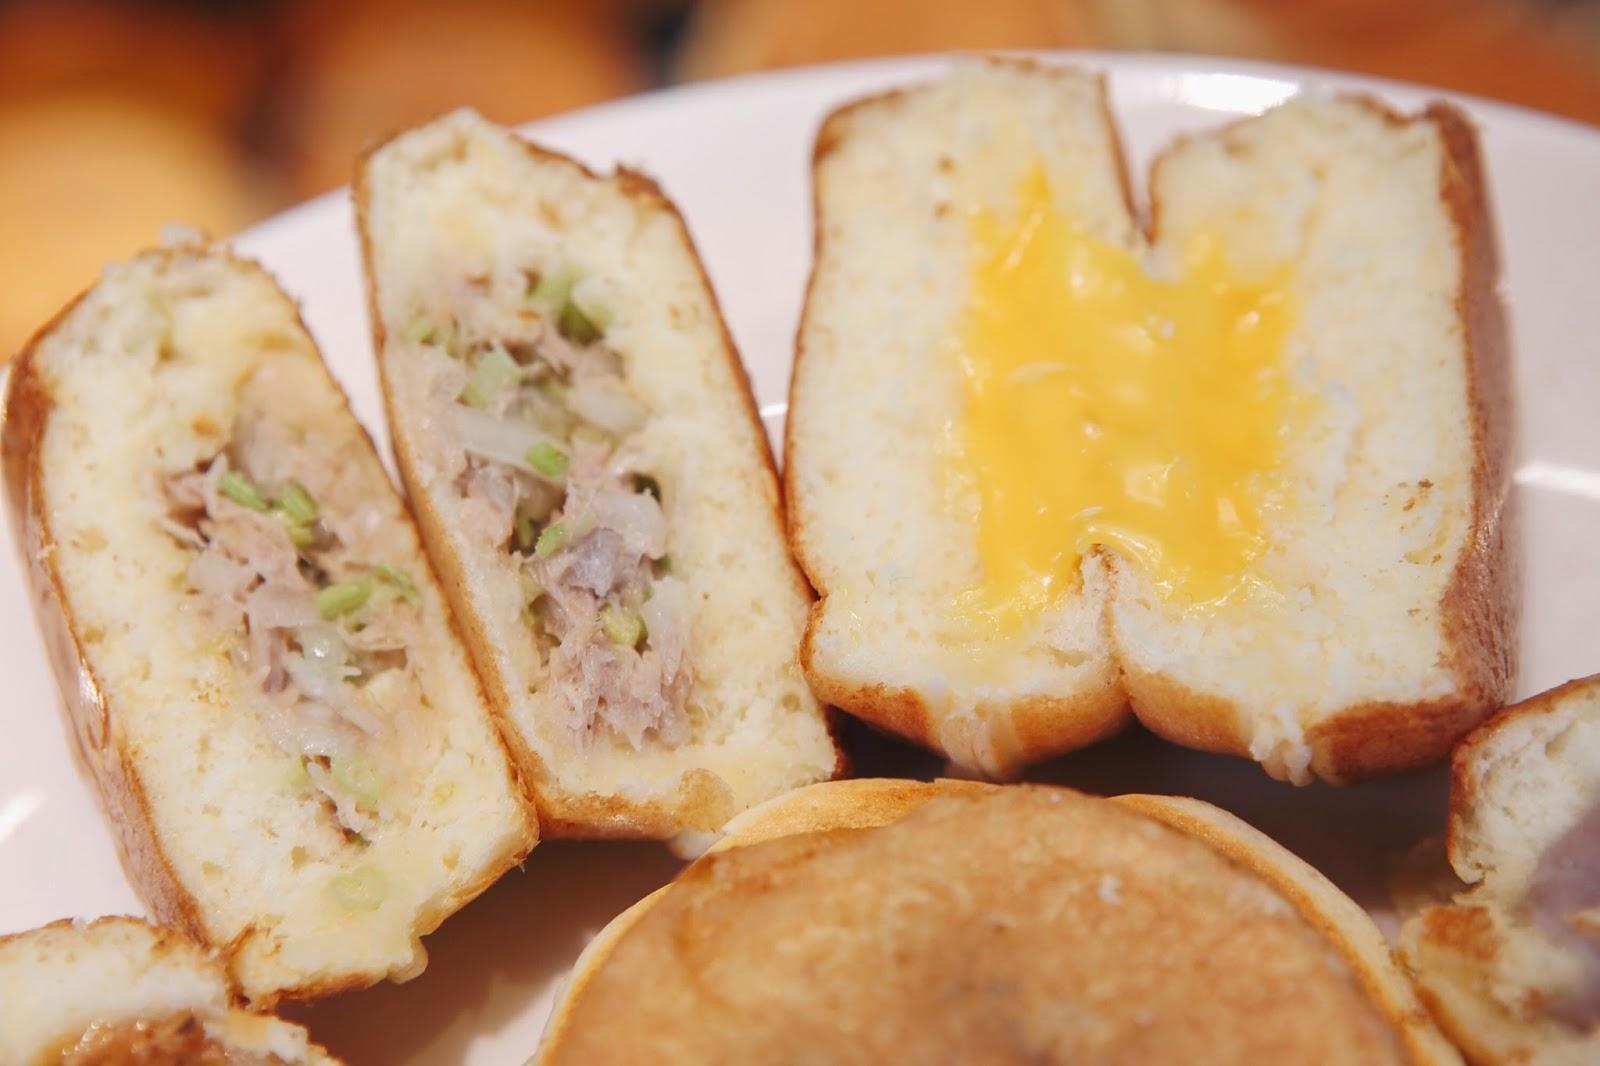 花輪東京今川燒|不只是紅豆餅|如蛋糕般鬆厚的柔軟餅皮包著自製餡料 - 小食日記